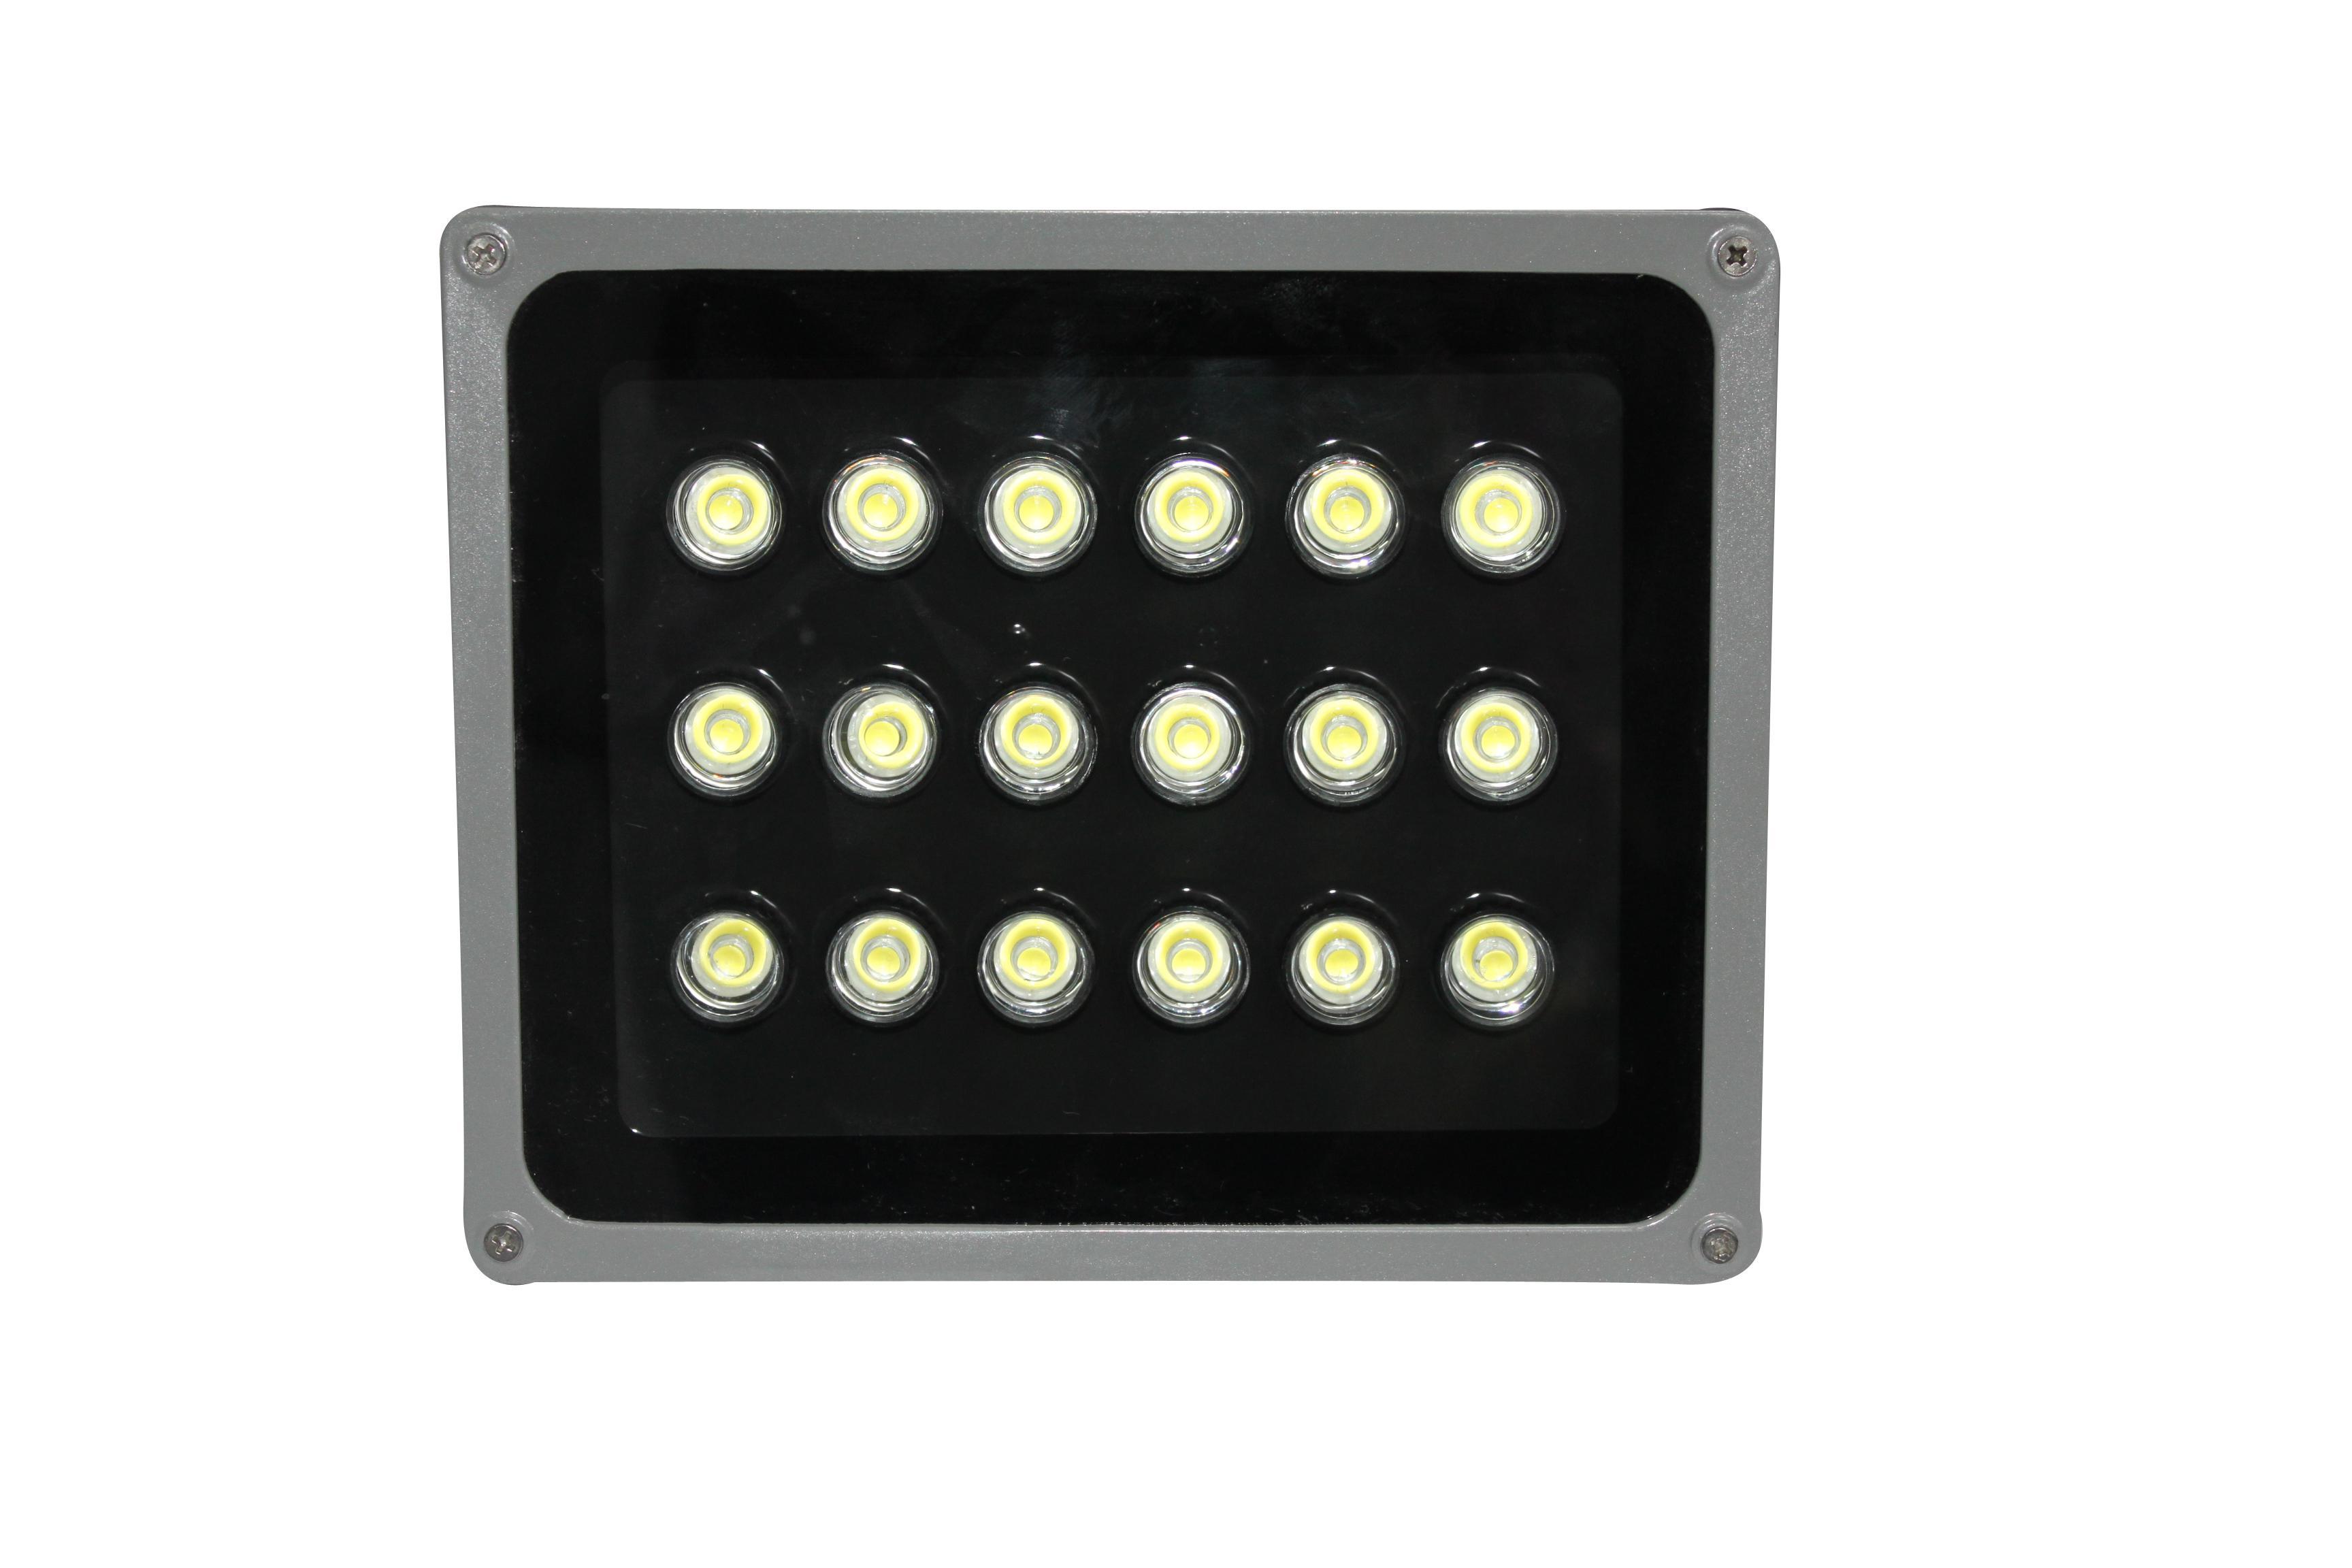 山西18灯led监控补光灯供应商,山西18灯led监控补光灯价格,山西18灯led监控补光灯生产